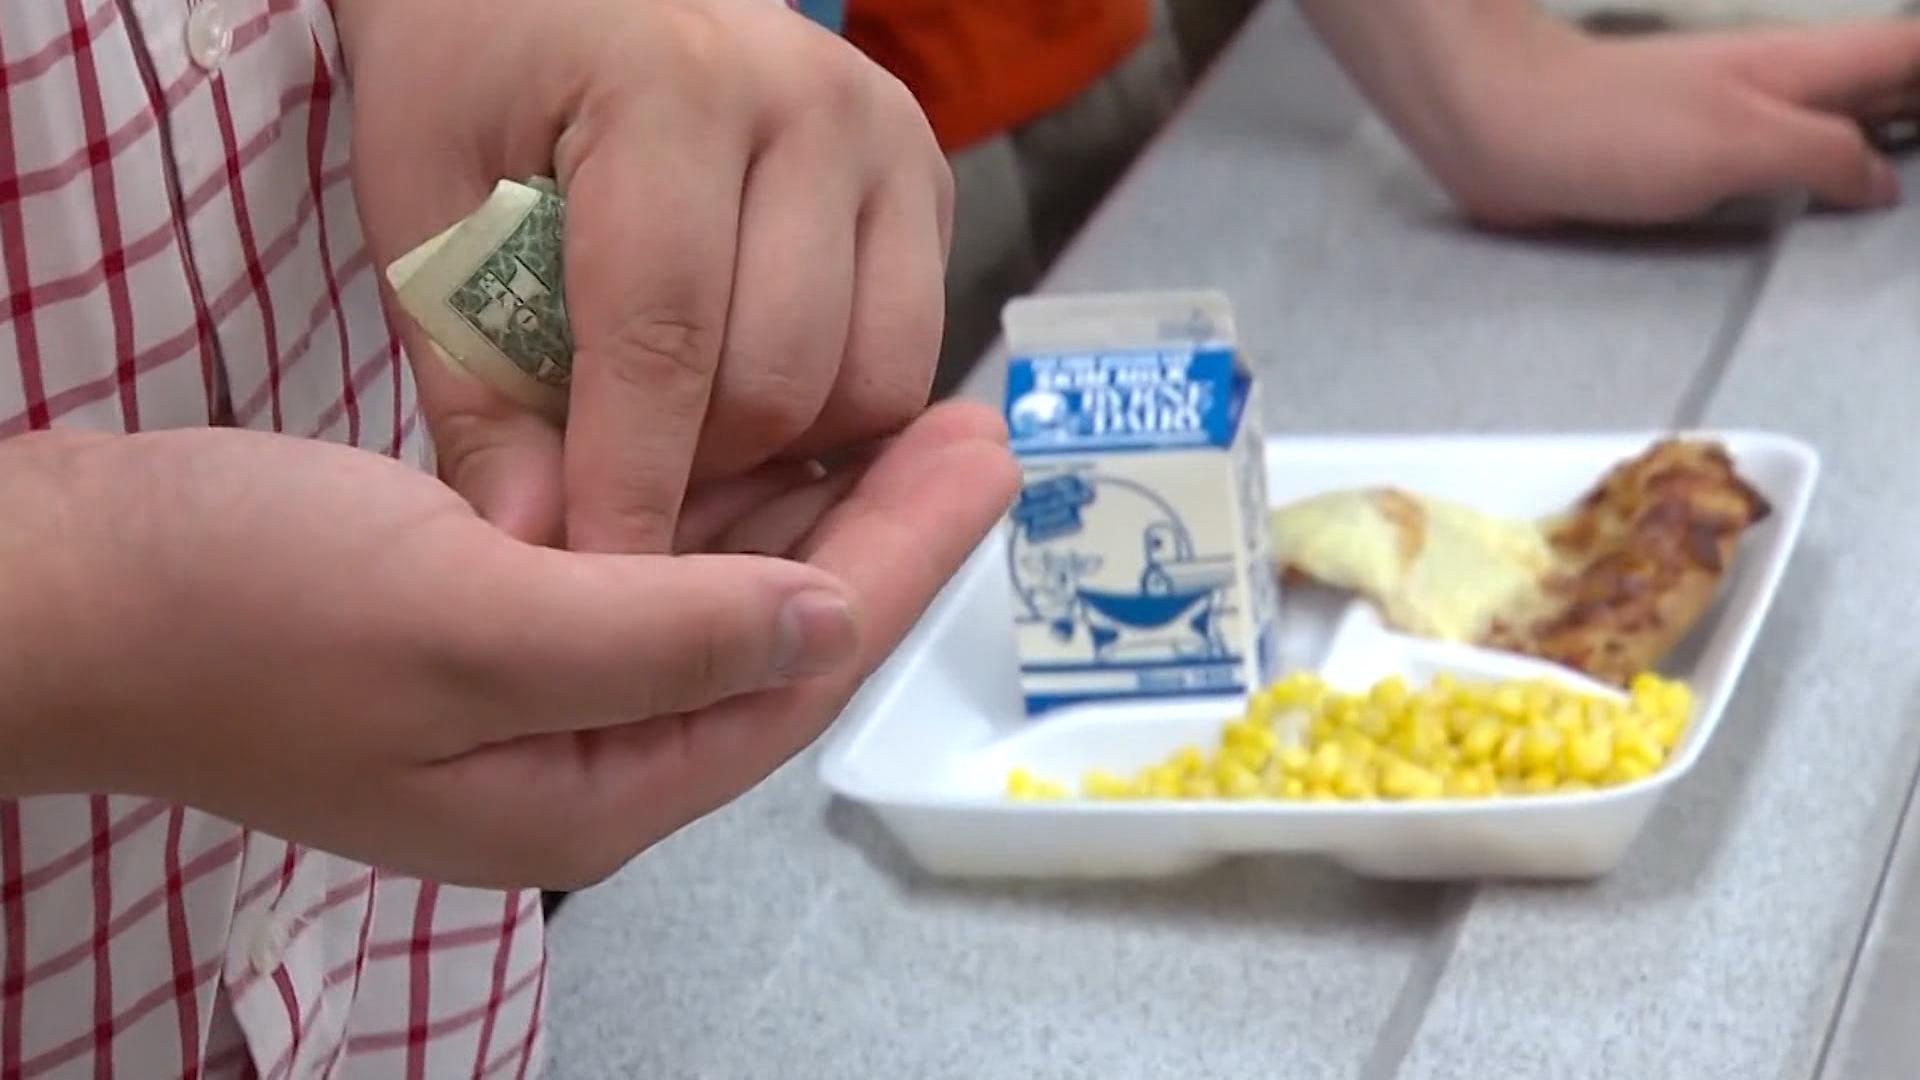 Lunch shaming .Still001_1495640683979.jpg